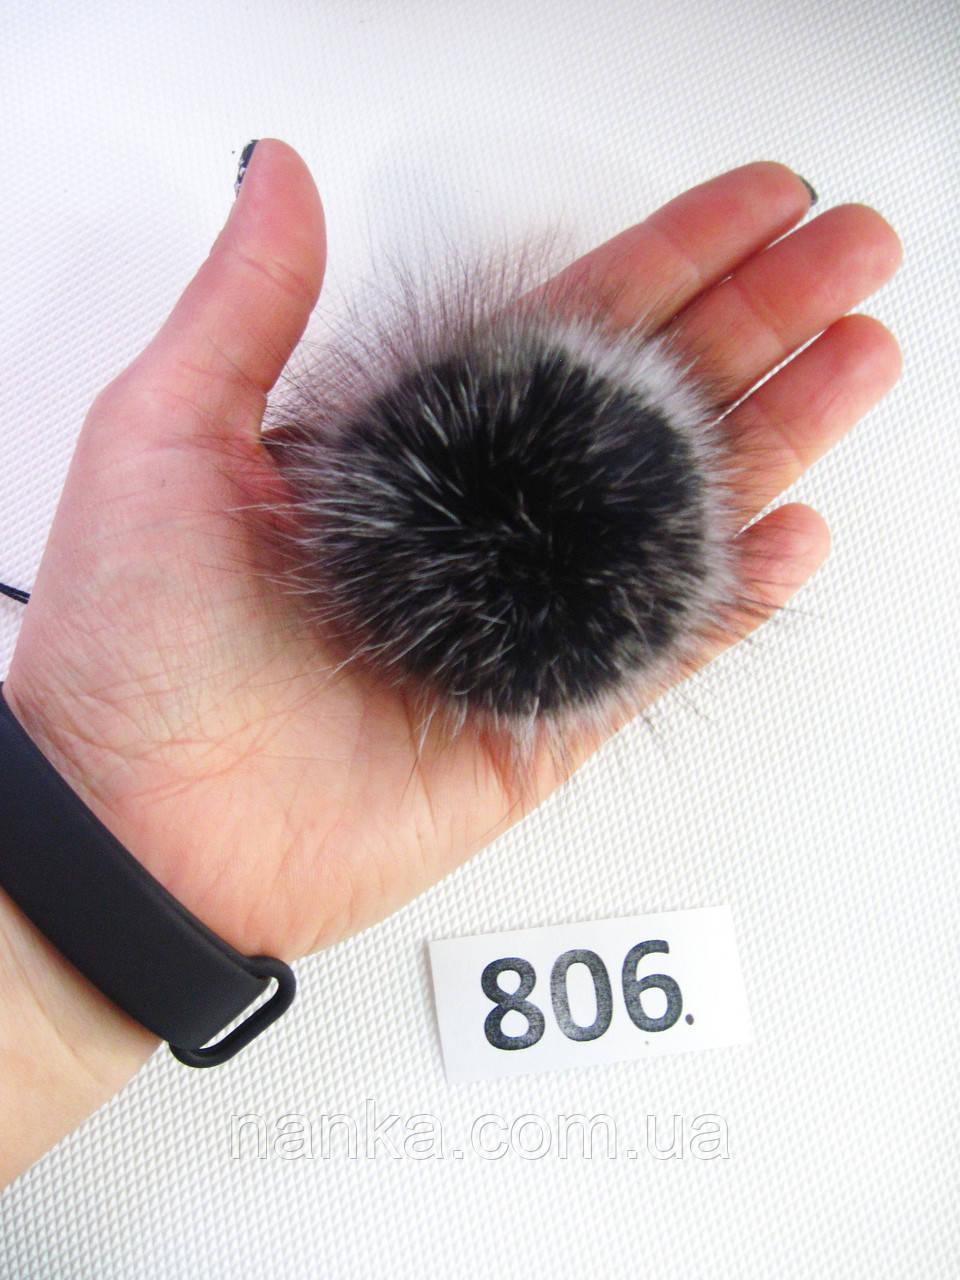 Меховой помпон Песец, Заснеженный,  Черный с б/к , 6/8 см, 806